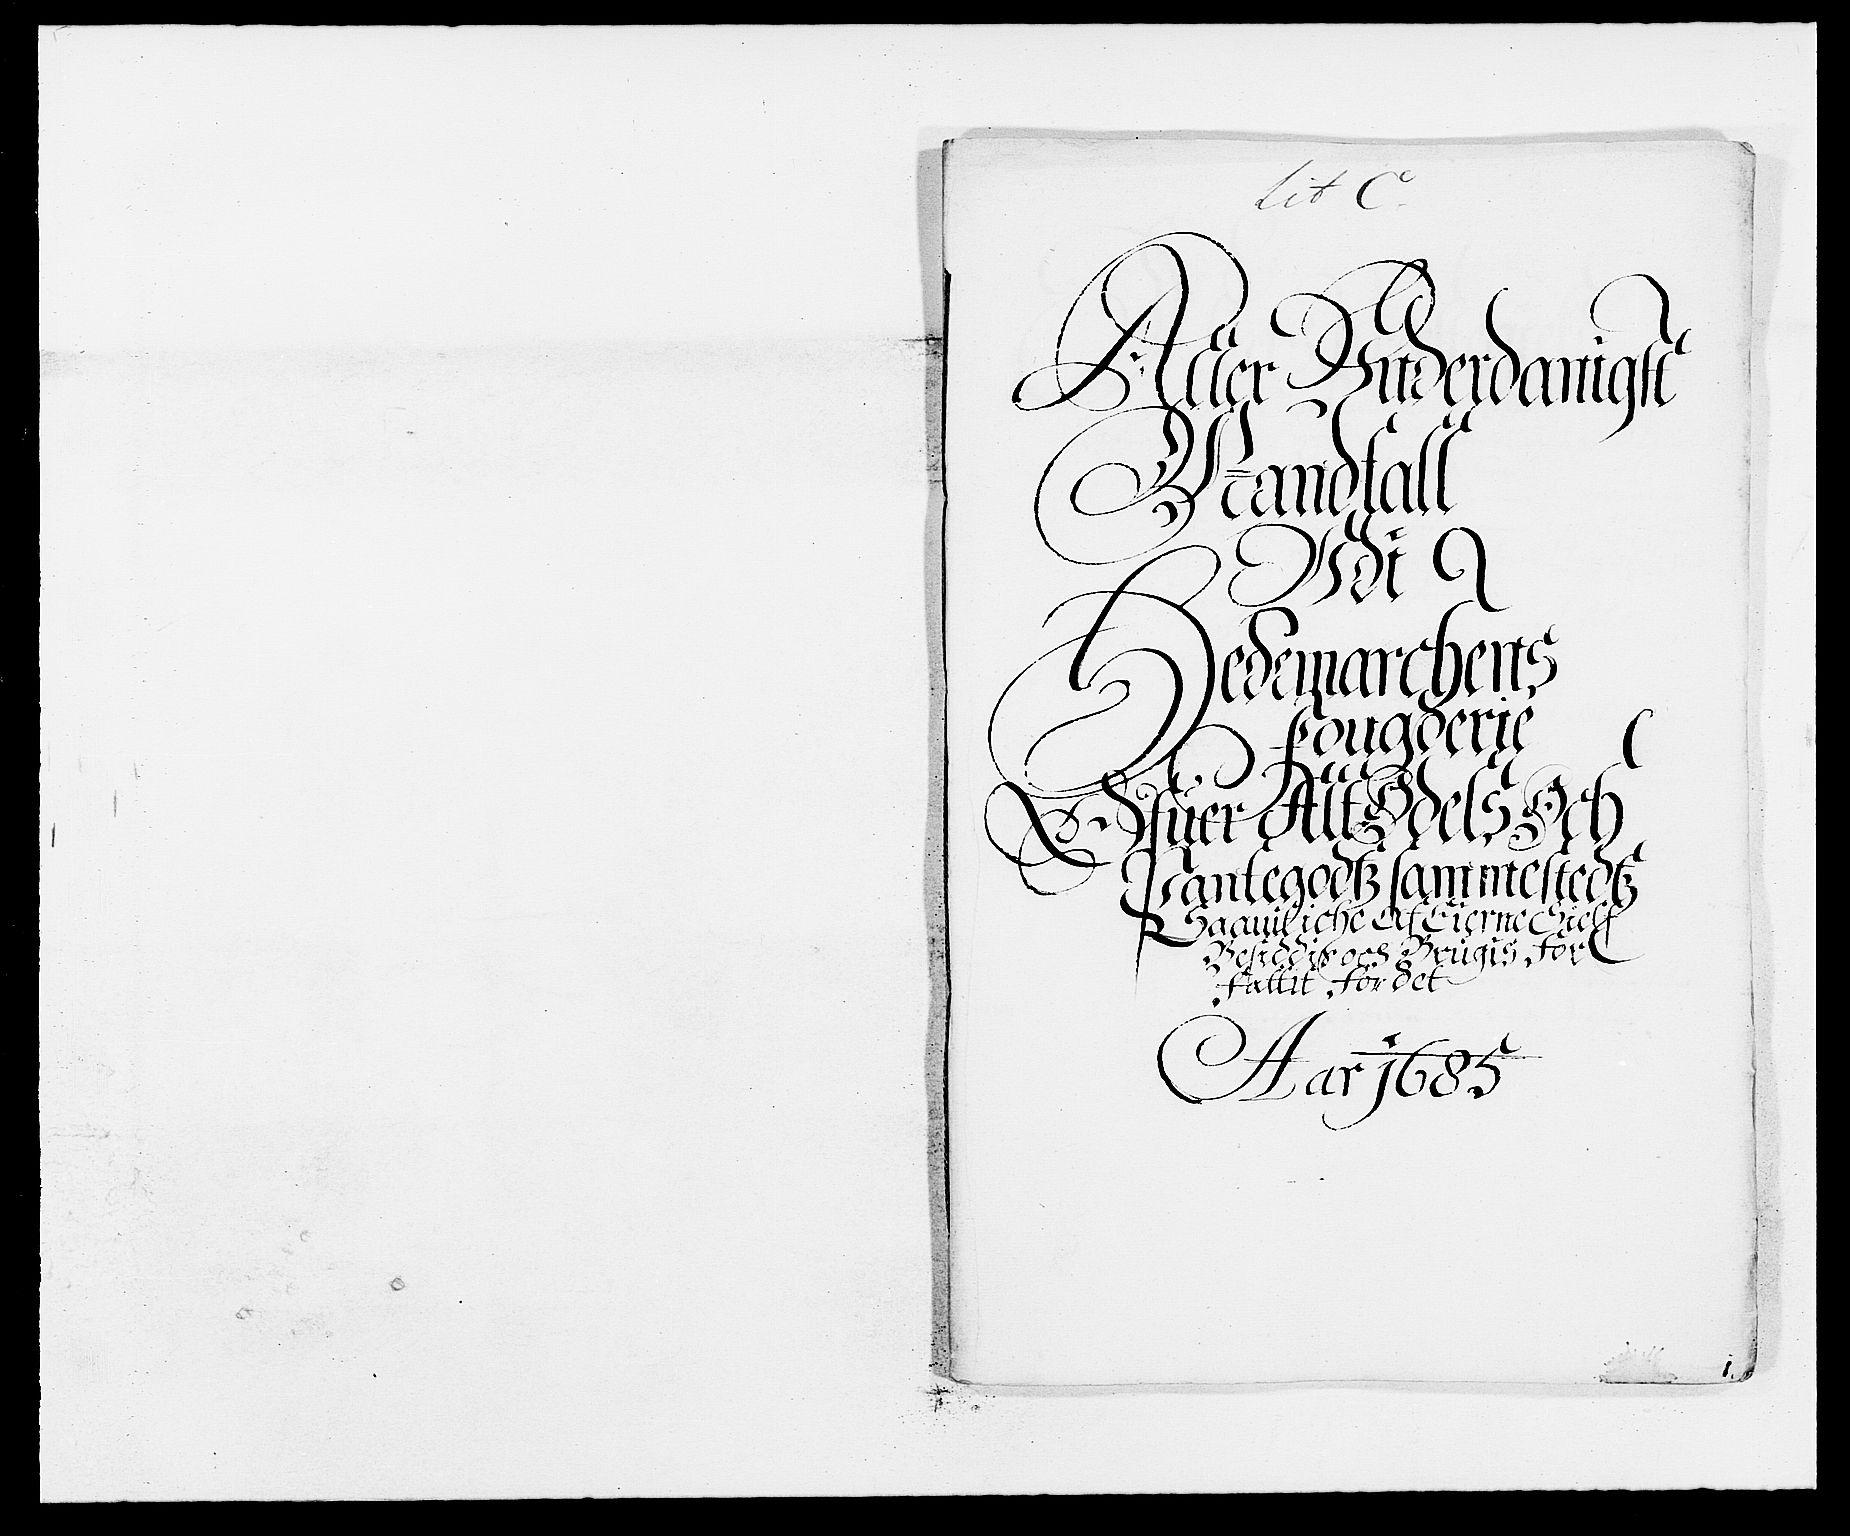 RA, Rentekammeret inntil 1814, Reviderte regnskaper, Fogderegnskap, R16/L1026: Fogderegnskap Hedmark, 1685, s. 73